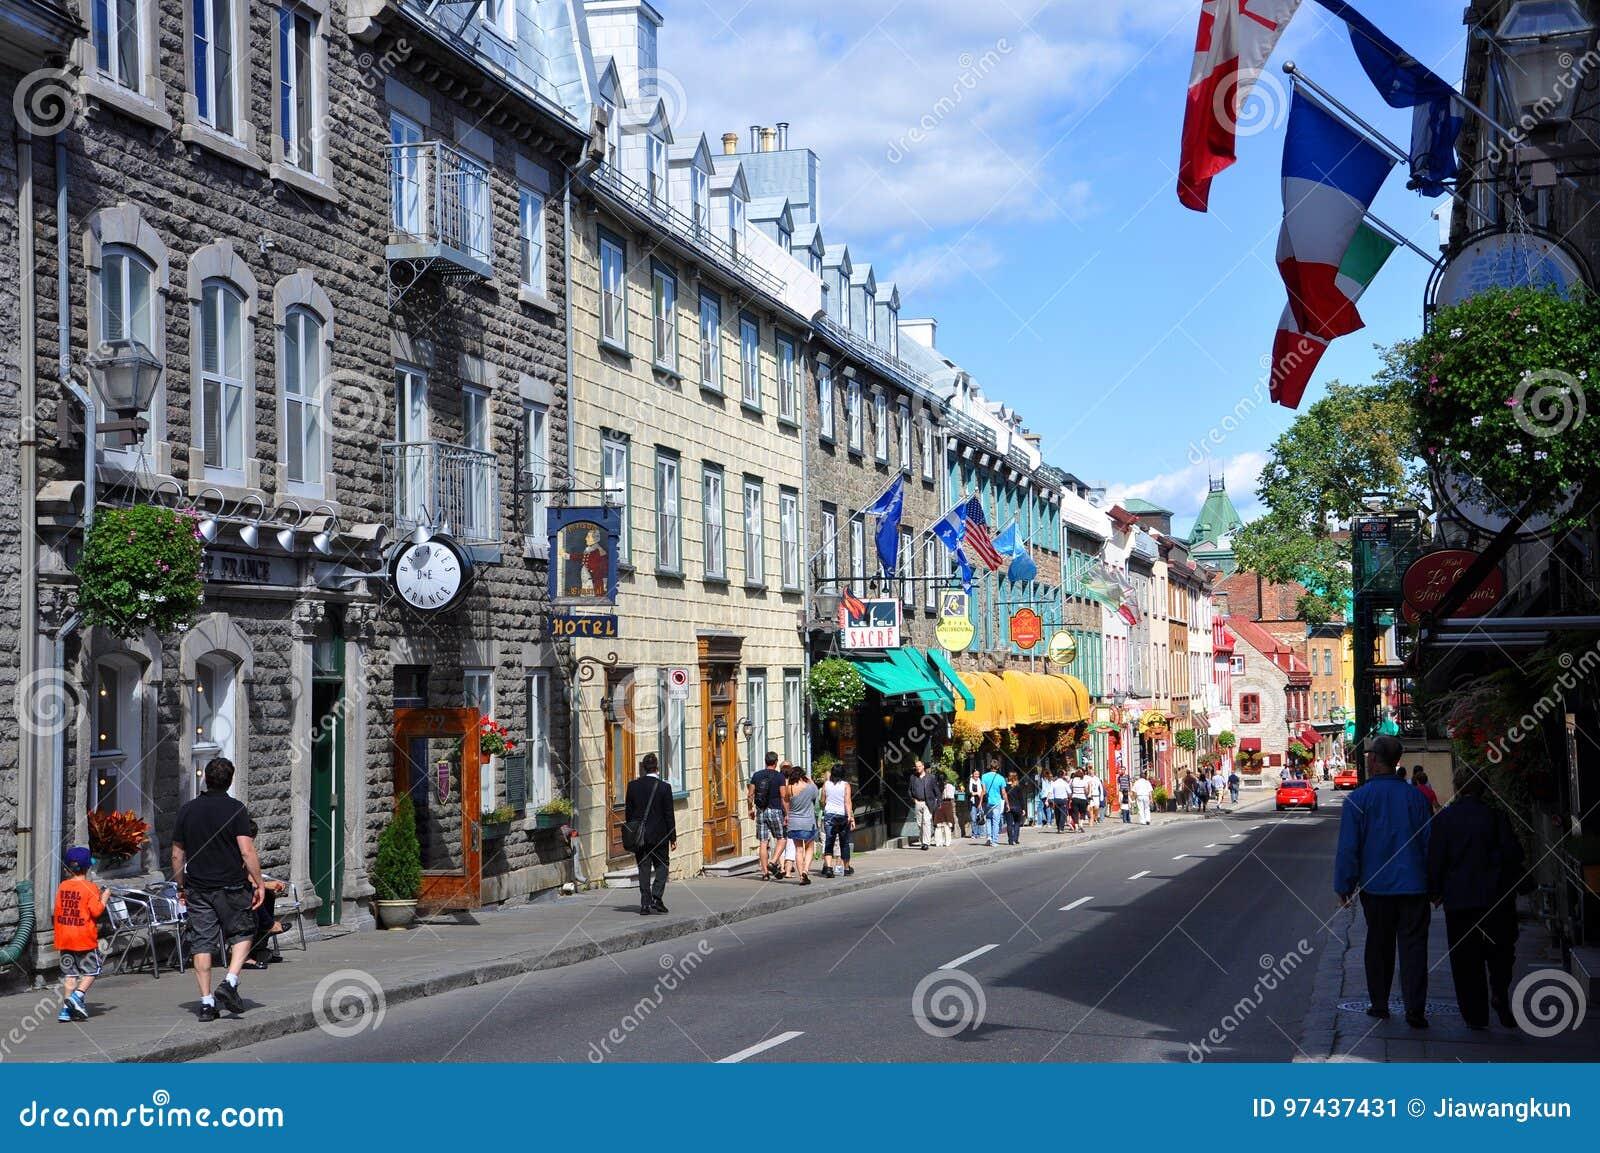 För huslouis quebec för stad färgrik saint rue